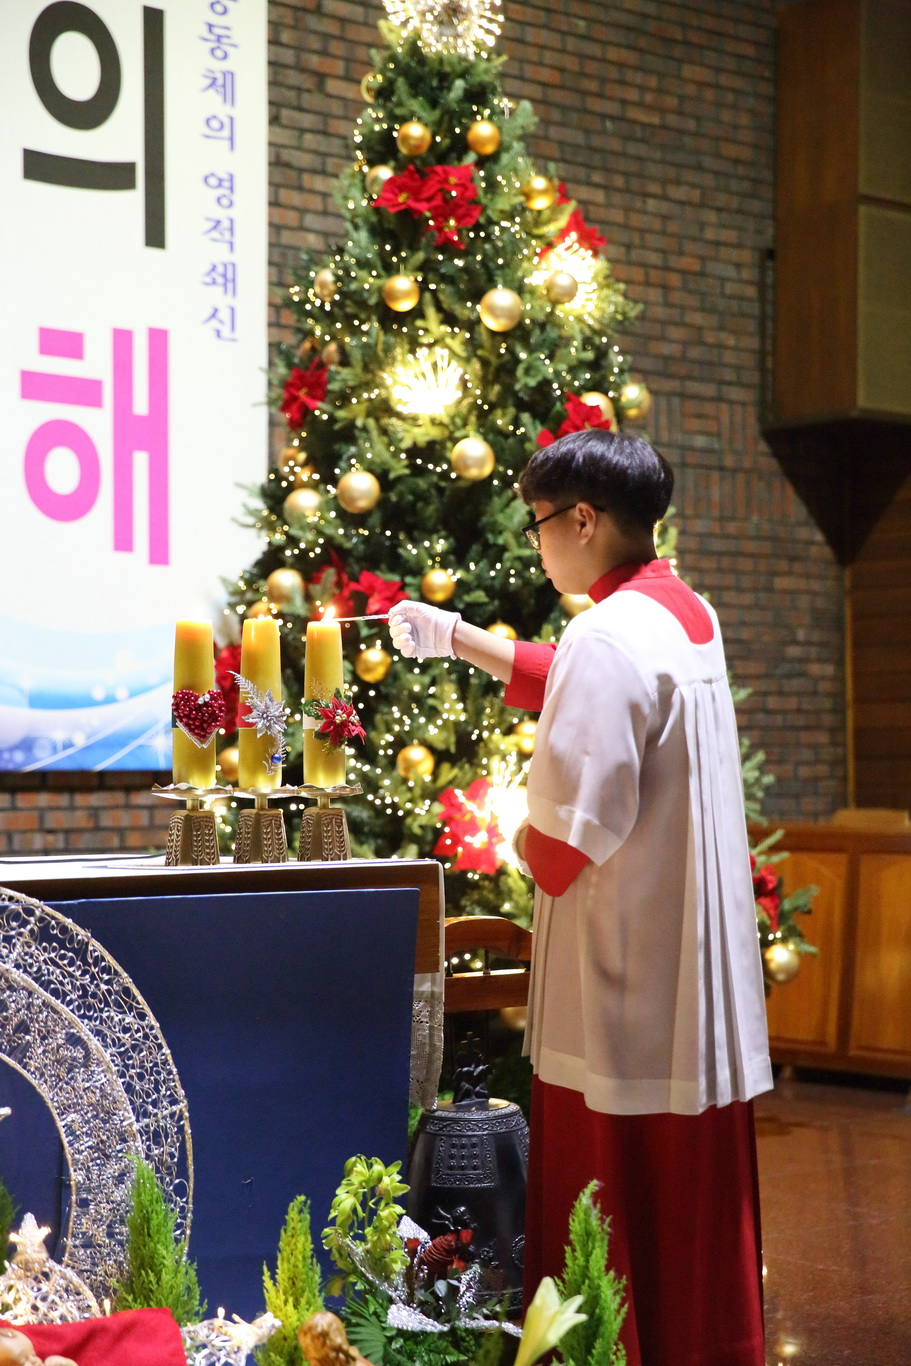 2019-12-24 성탄 성야 (100)_크기변경.JPG